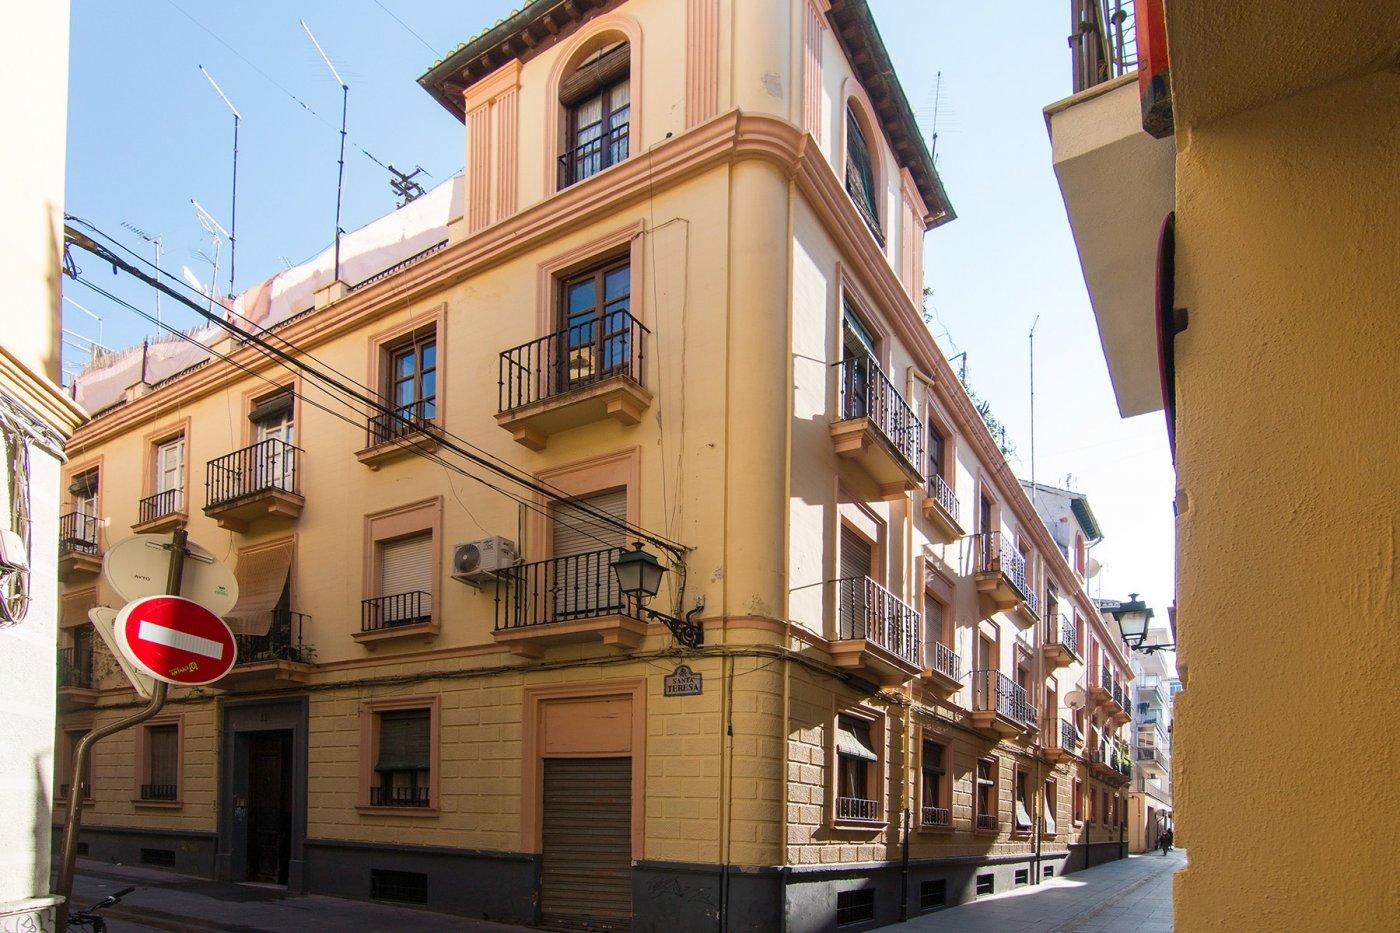 Edificio céntrico en el barrio de la Magdalena con 8 viviendas y dos locales, Granada